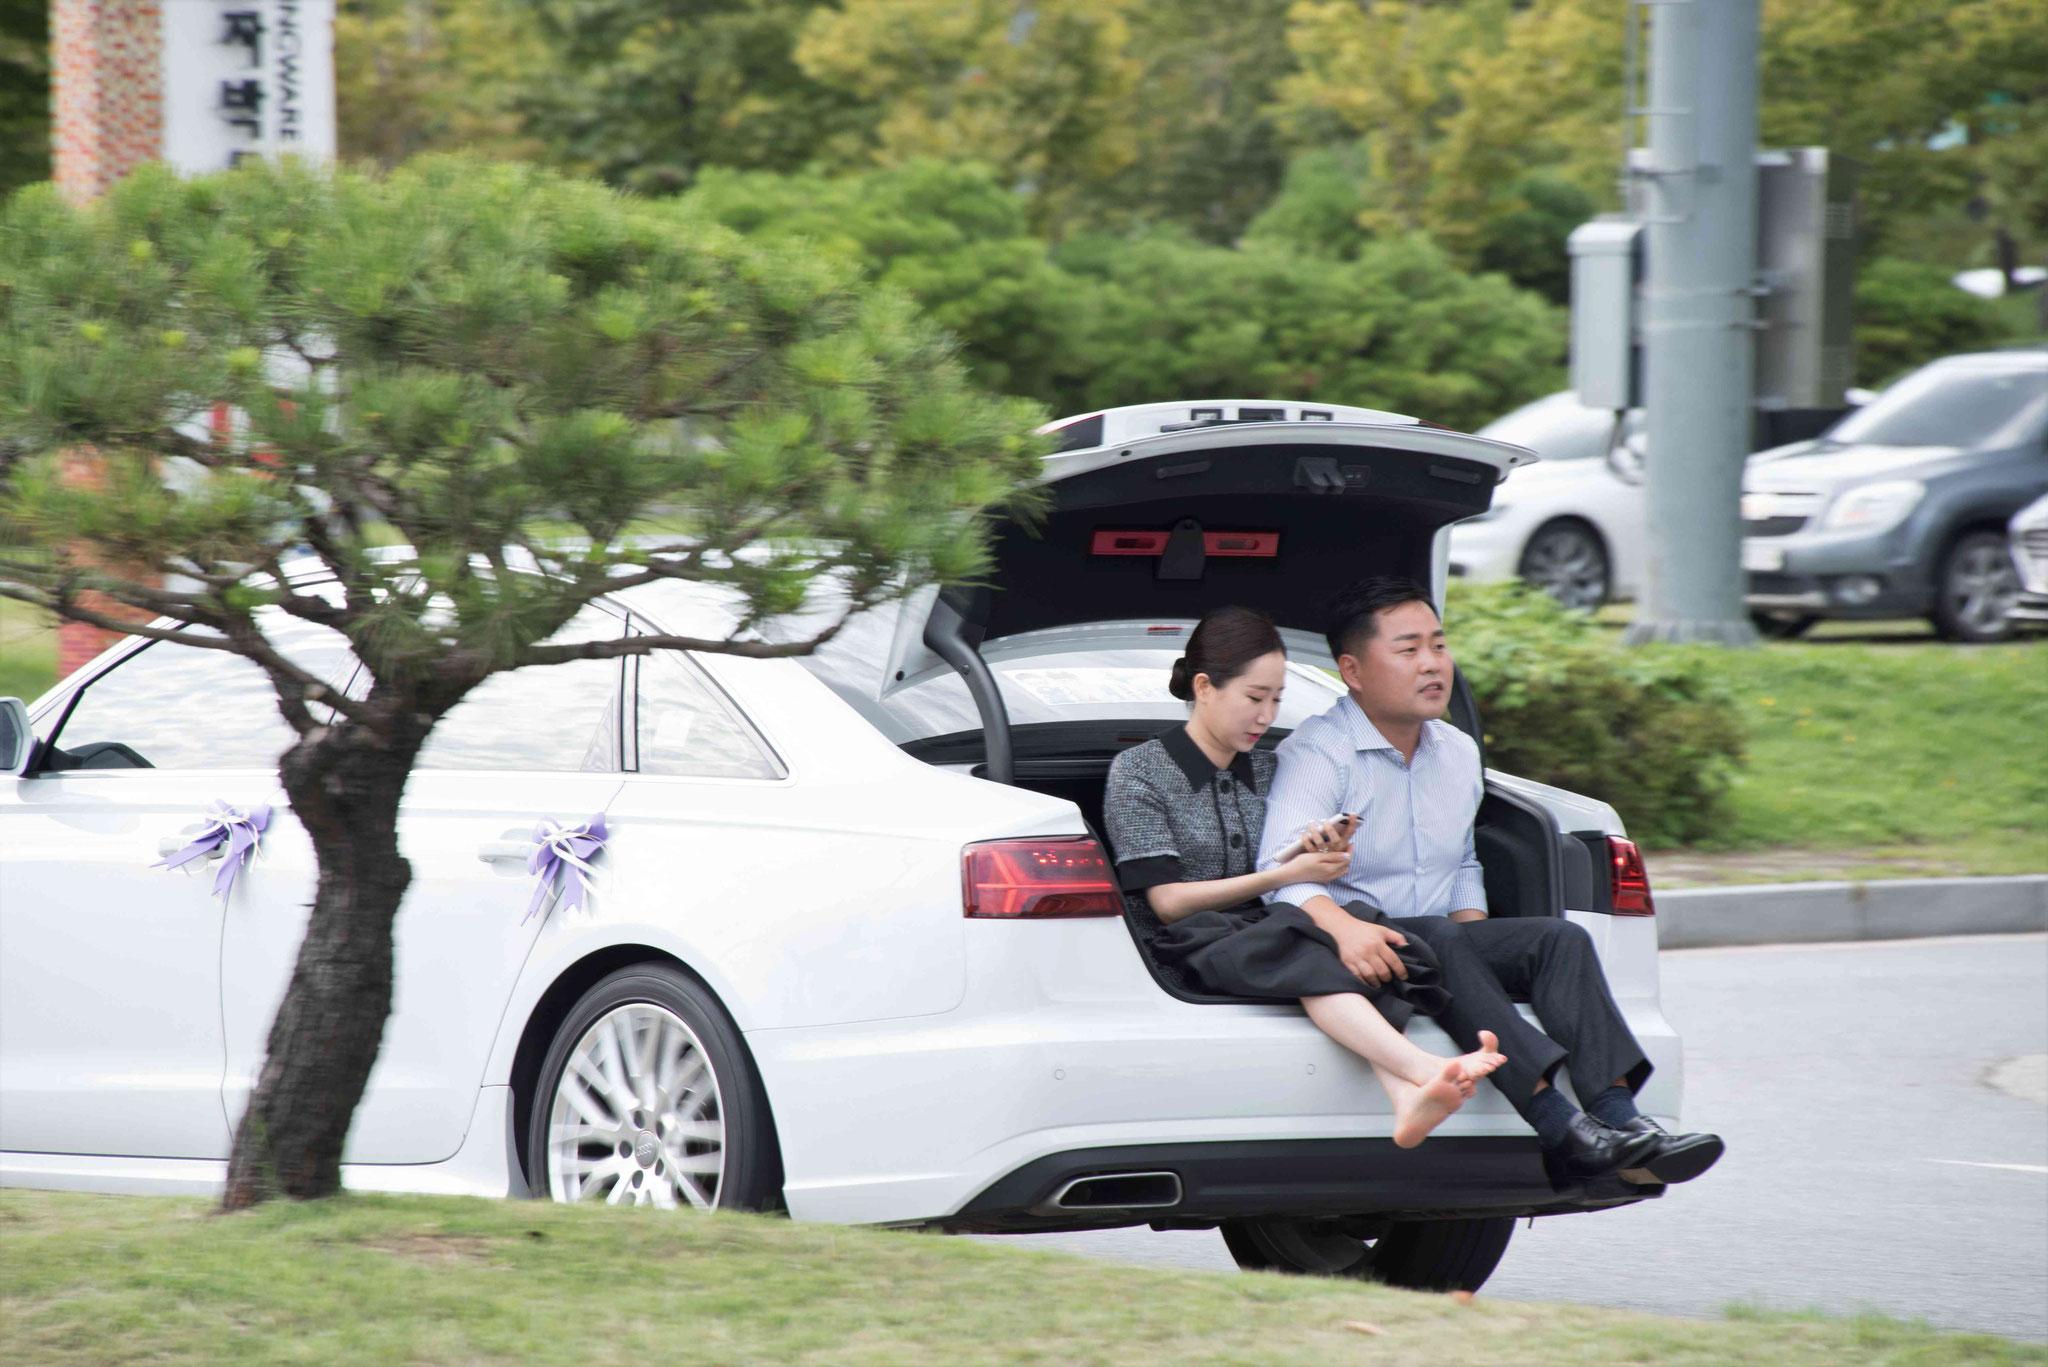 Südkoreaner auf einer Fahrt über den Parkplatz